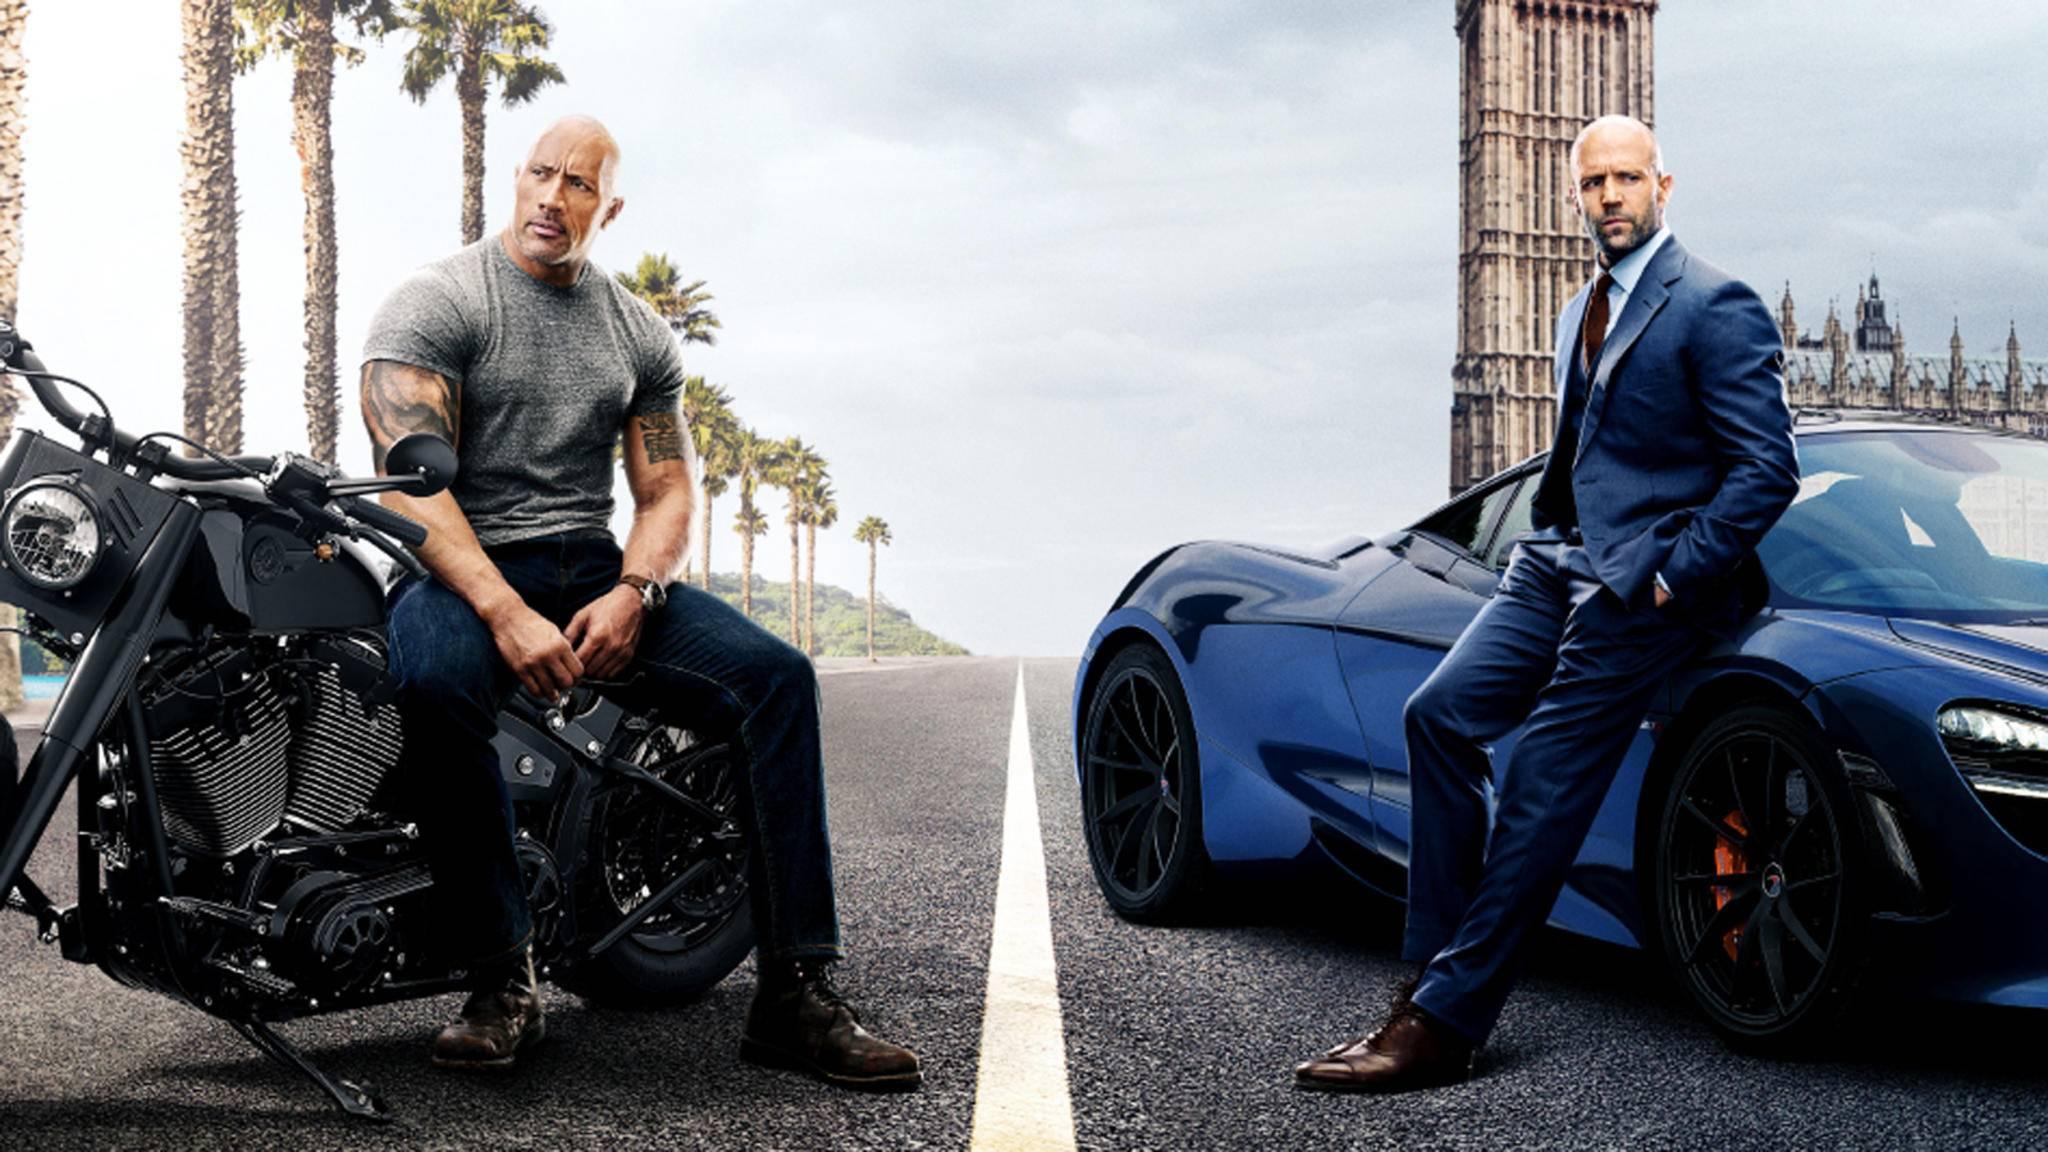 Sie können nicht mit- aber auch nicht ohne einander: Hobbs (Dwayne Johnson) und Shaw (Jason Statham).